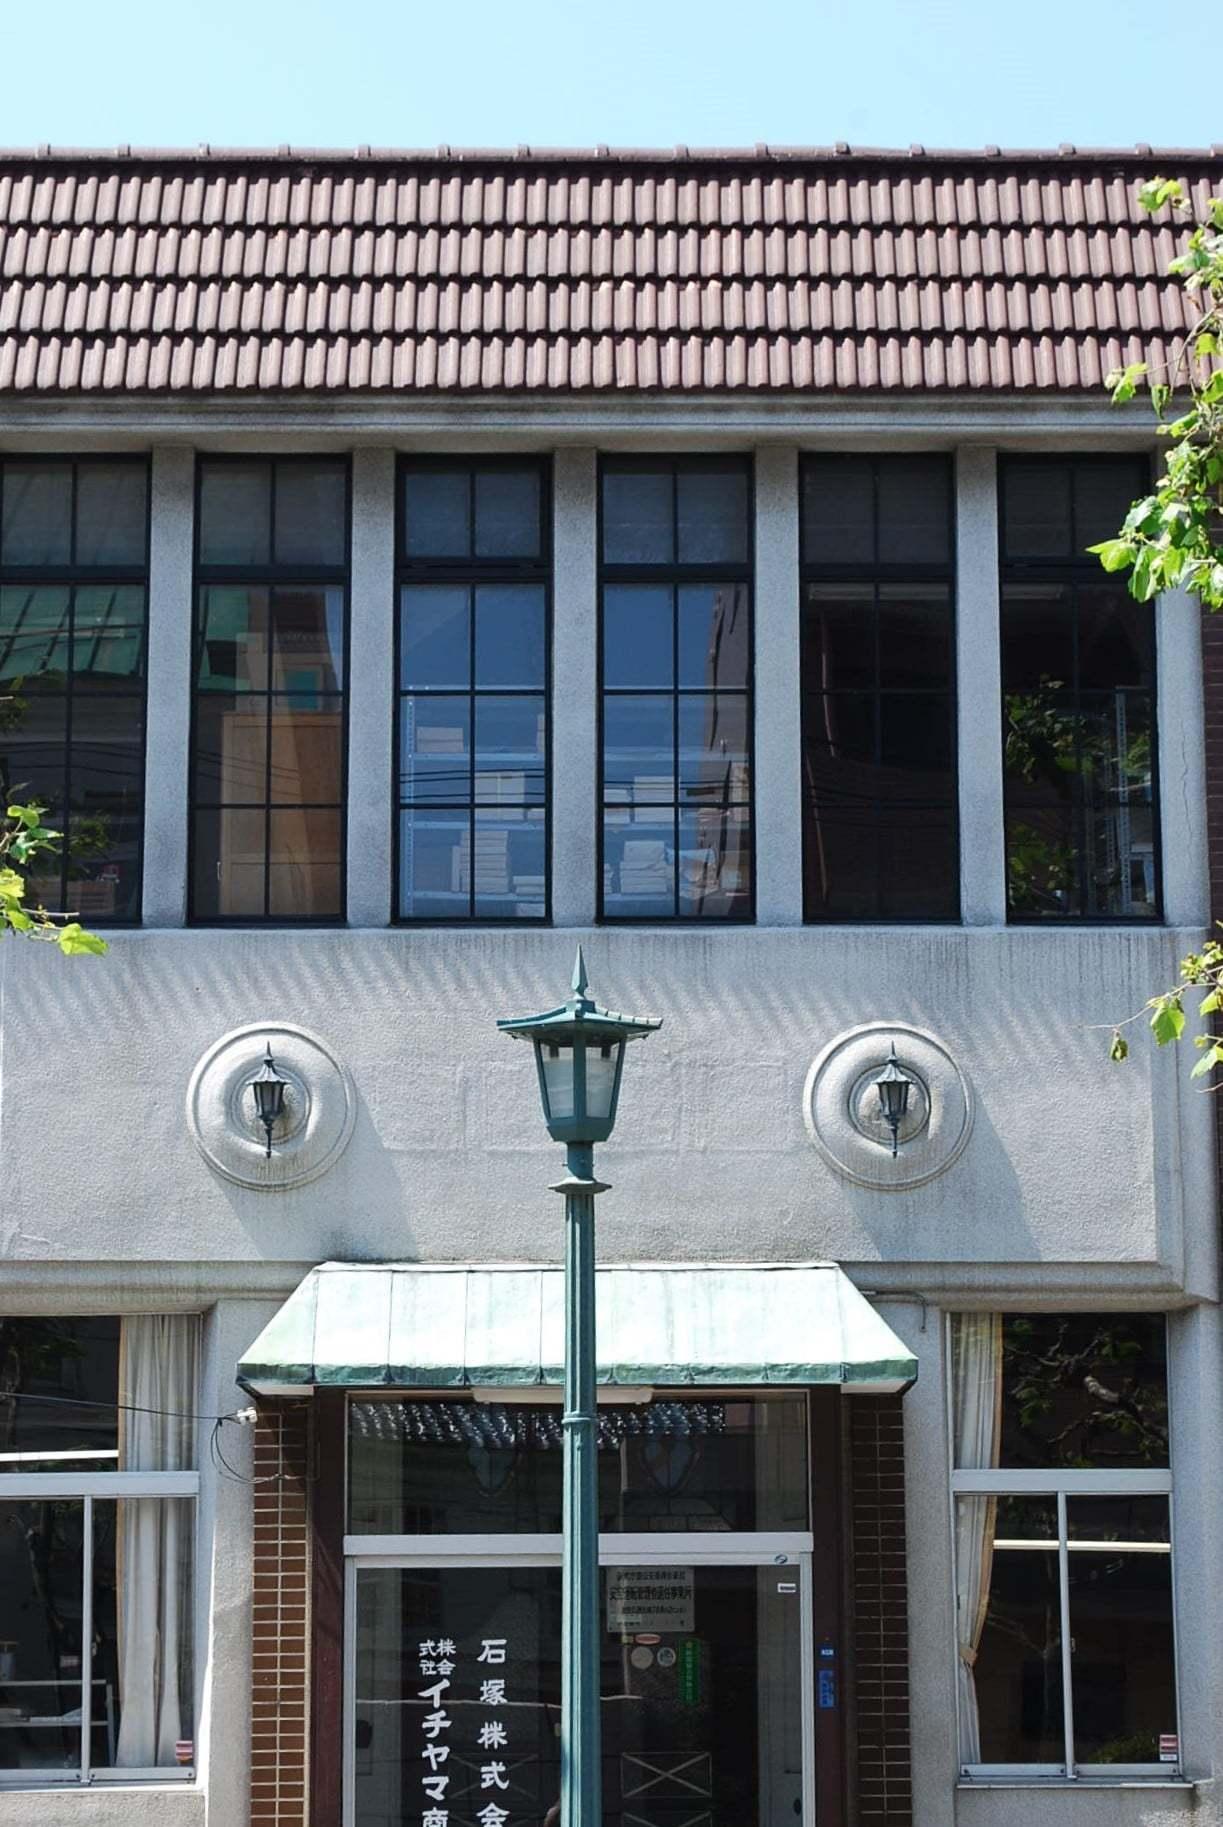 函館市末広町のイチヤマ商店(建築家・関根要太郎作品研究2021)_f0142606_18044728.jpg